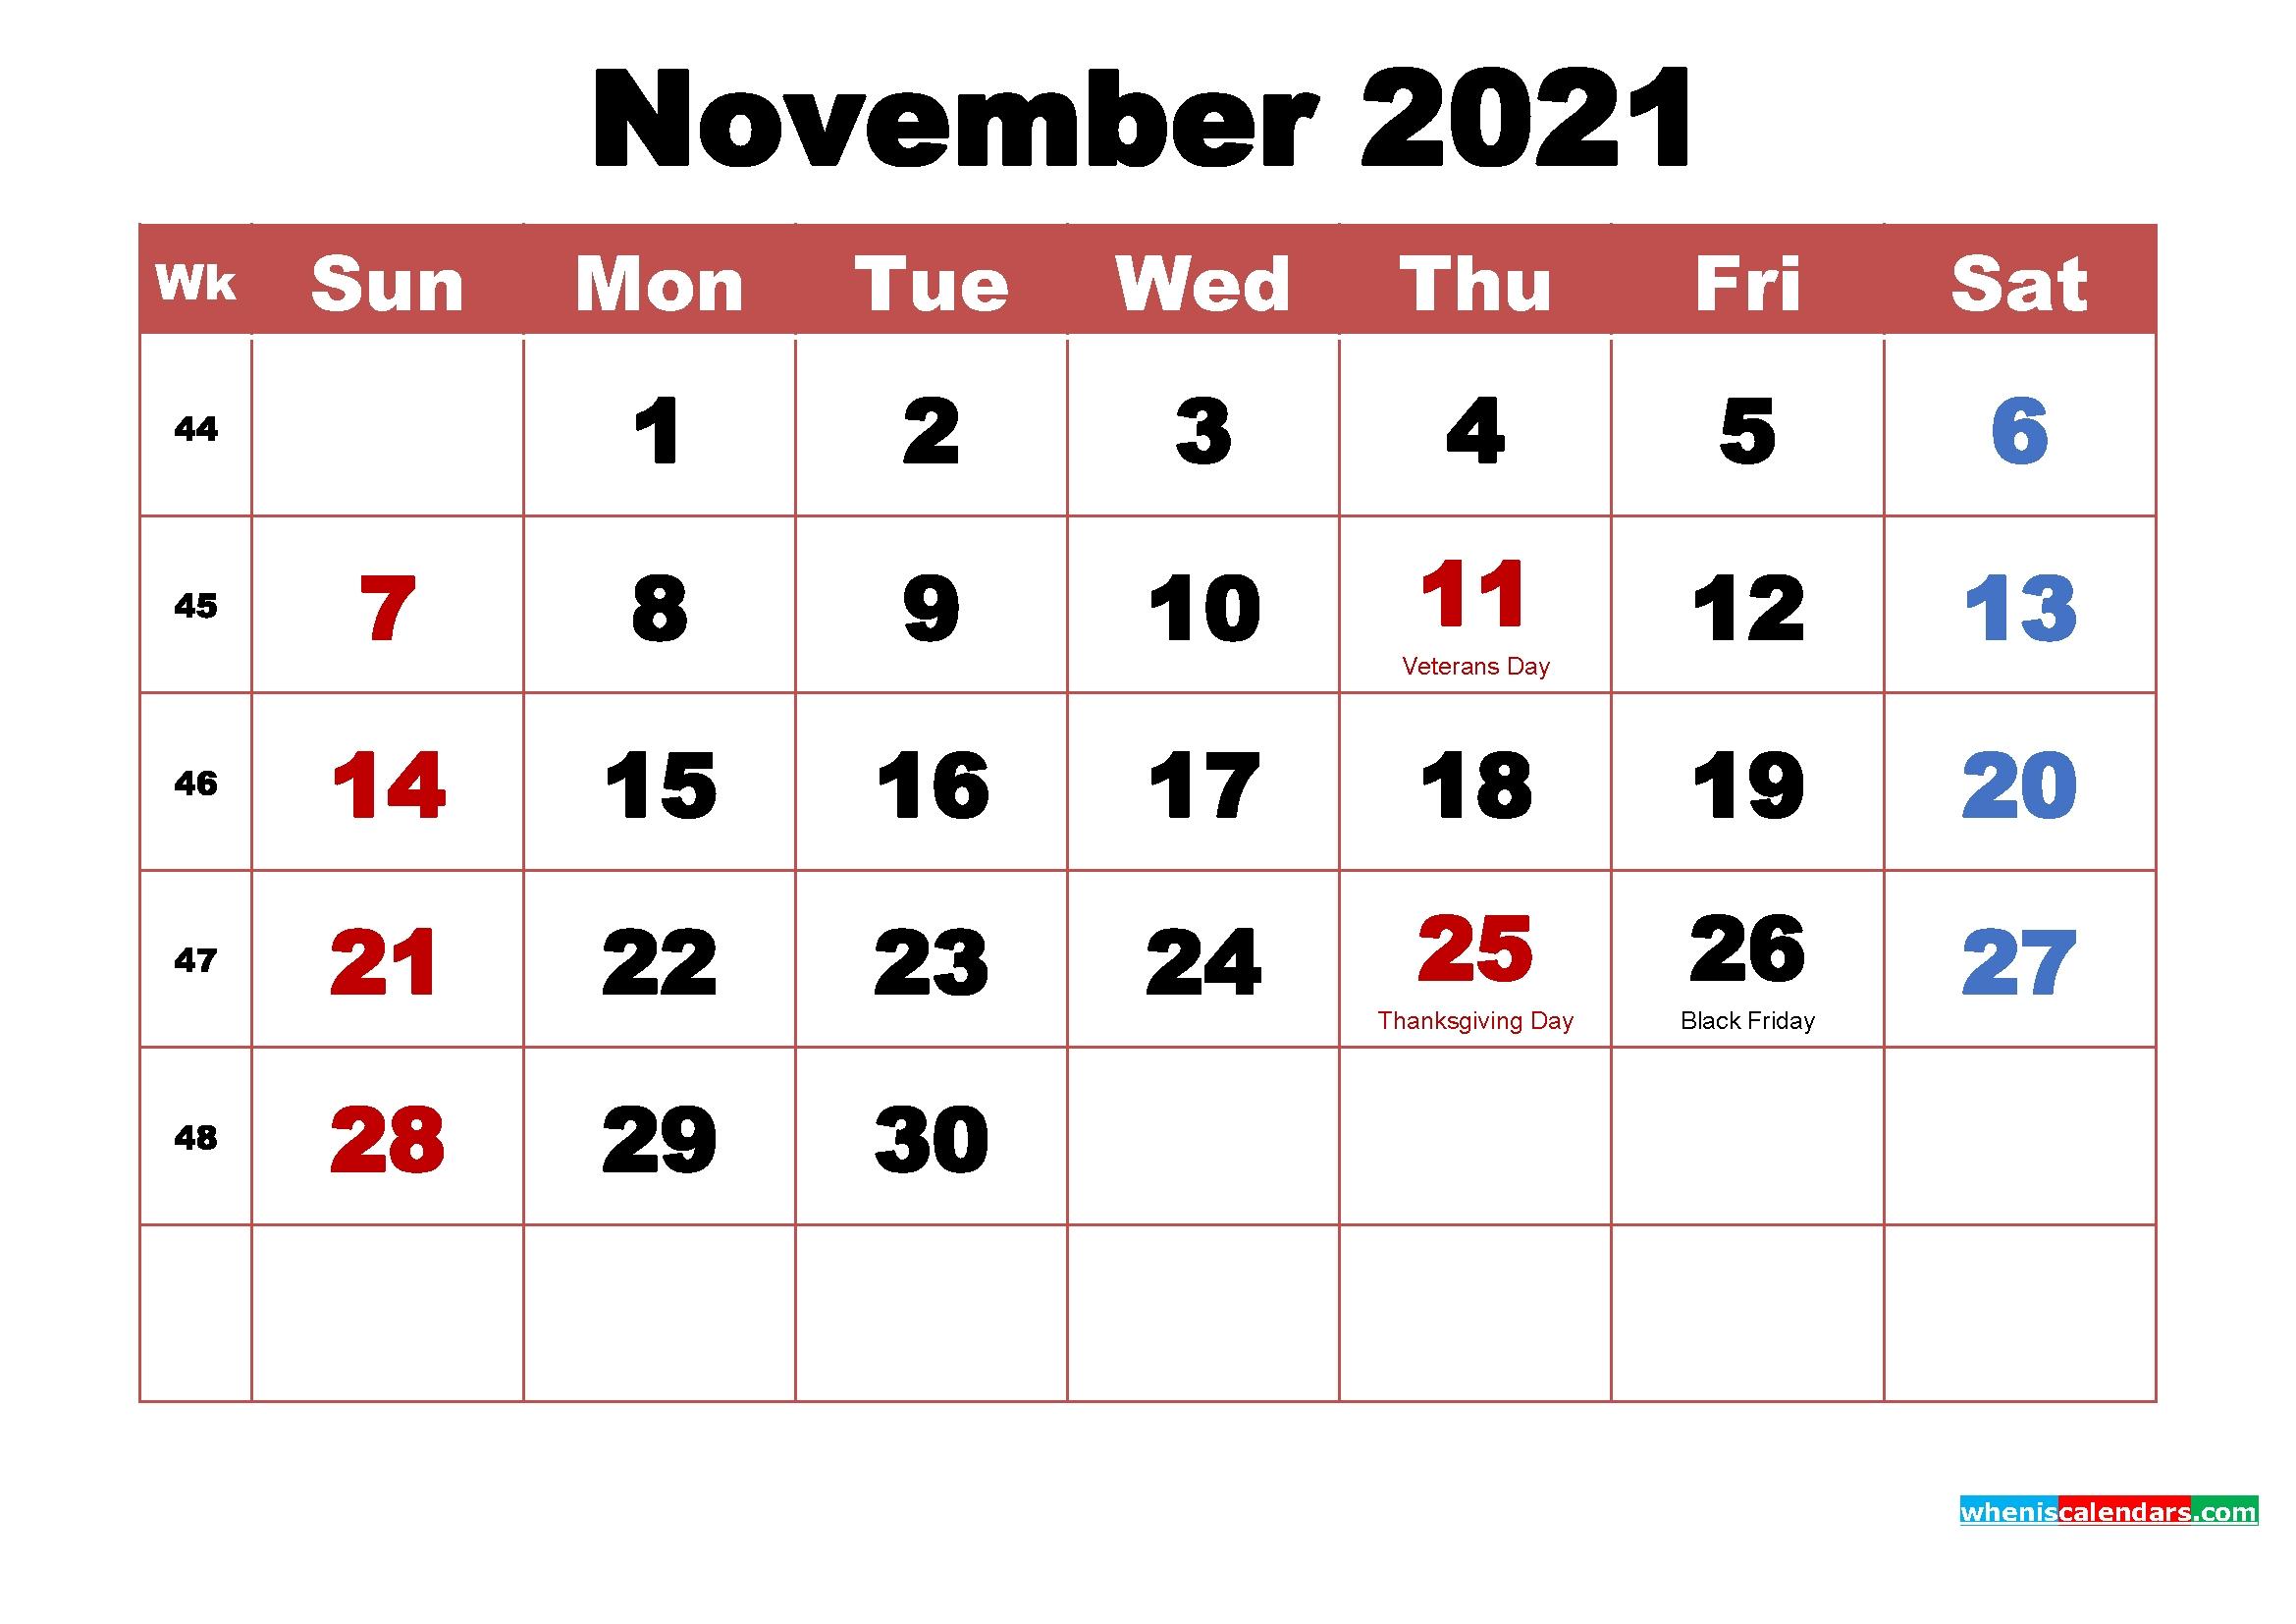 Catch November 2021 Calendar With Holidays